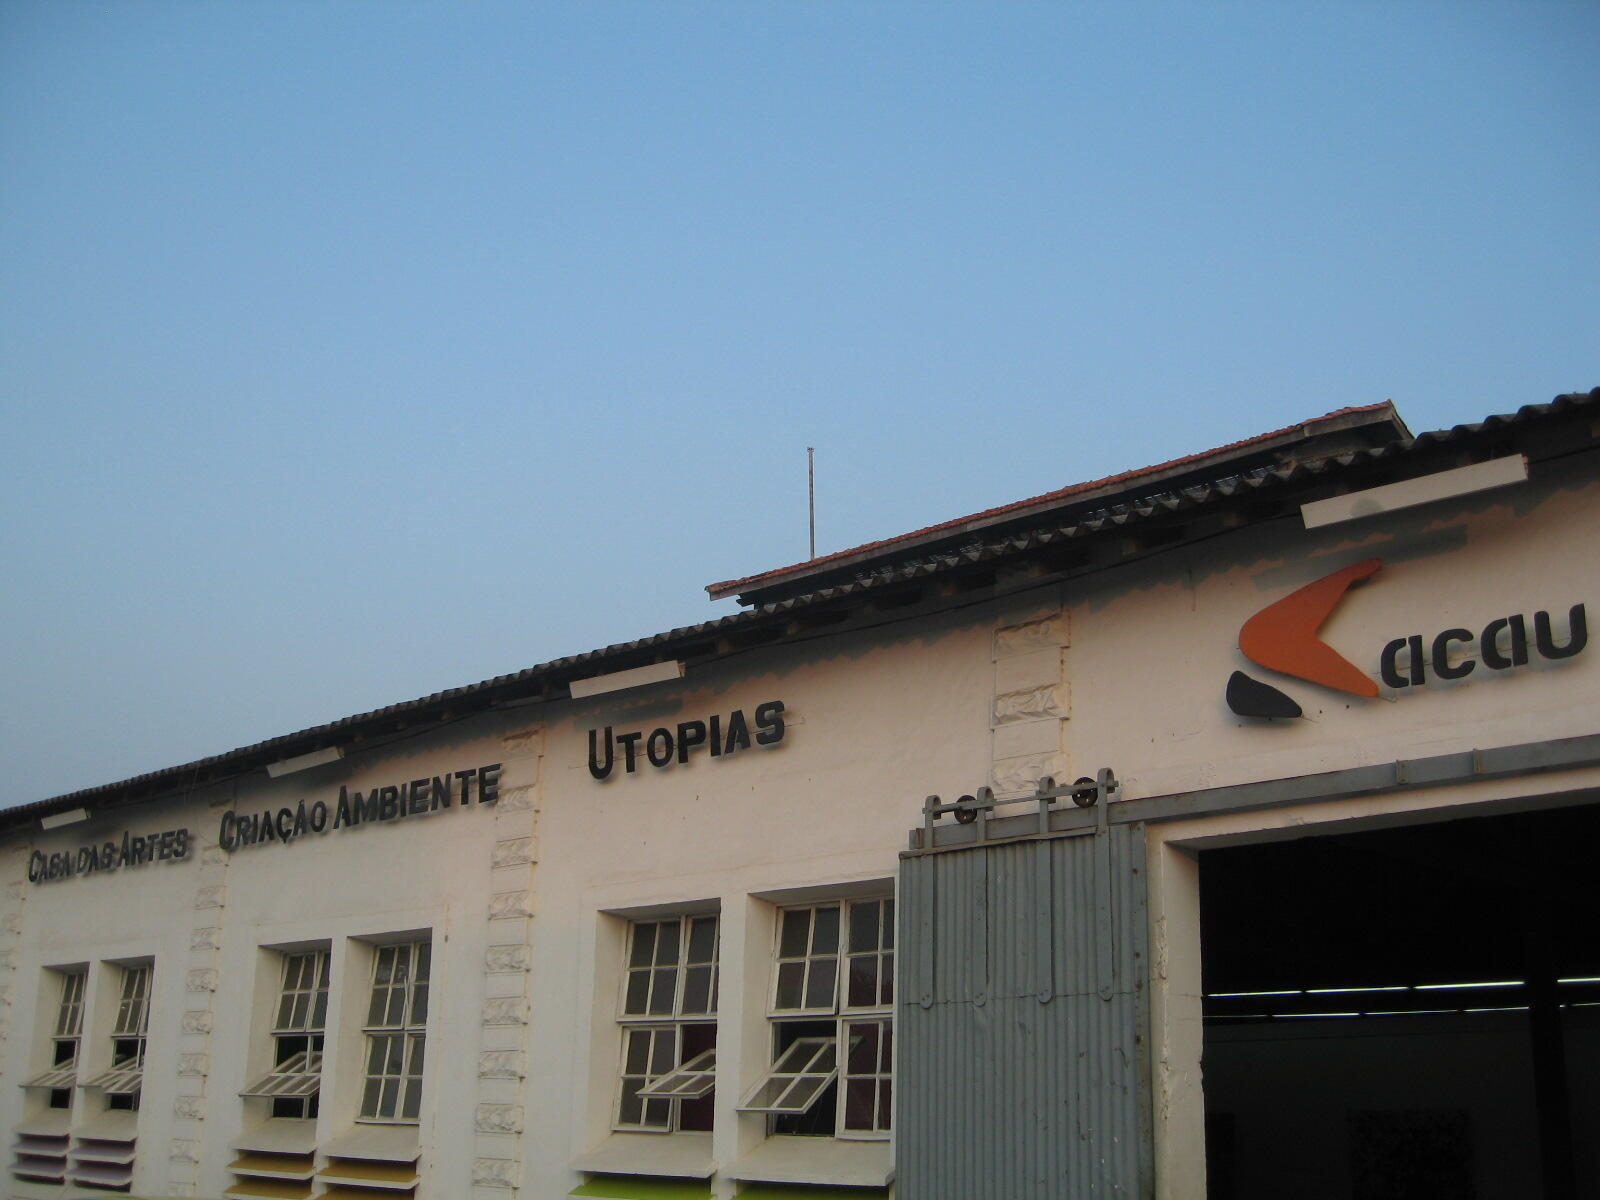 Cacau, Casa das artes, criação, ambiente, utopias em São Tomé